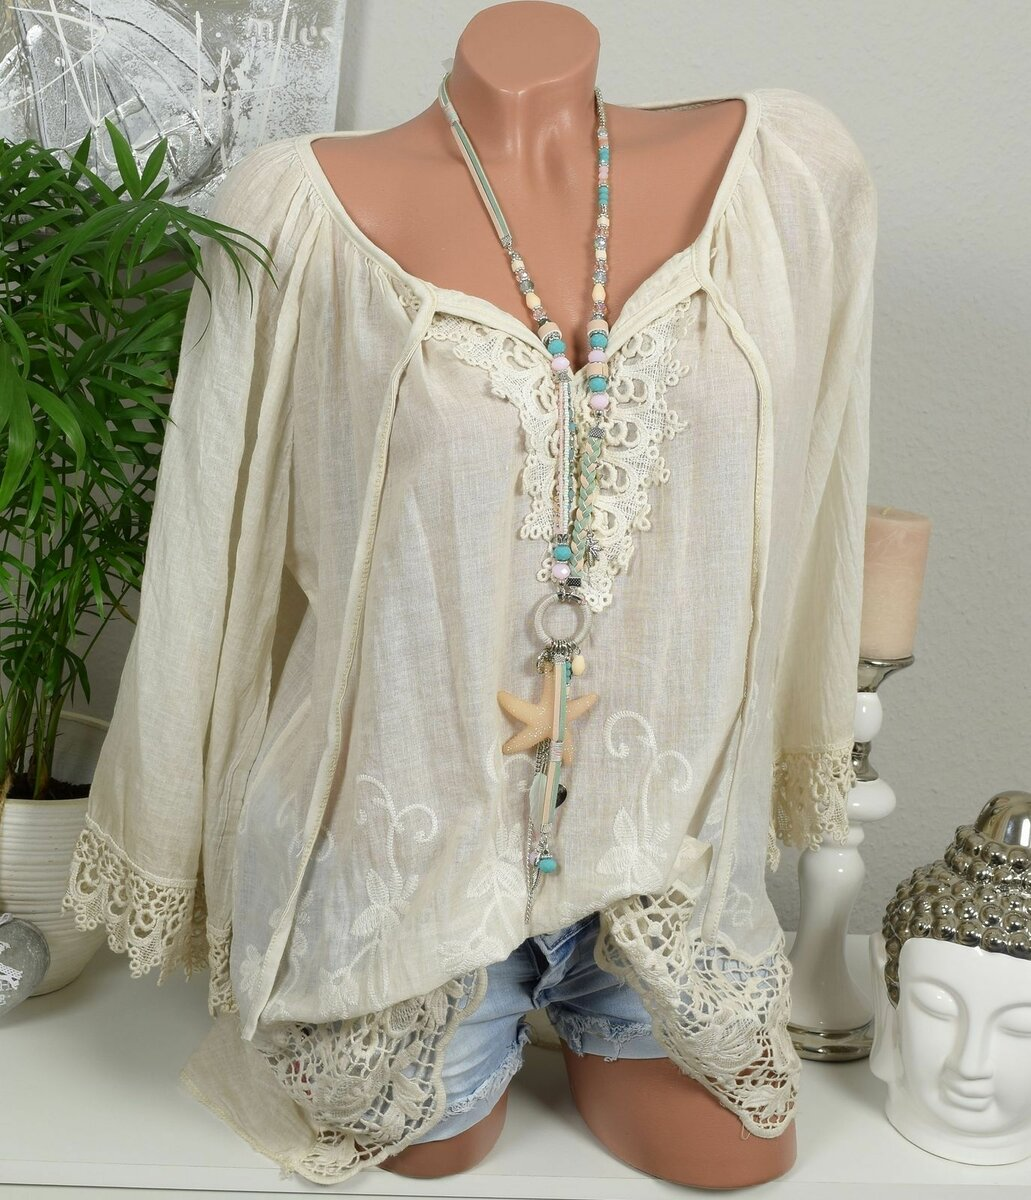 3 легких блузы в стиле бохо, которые стилисты рекомендуют носить летом 2020